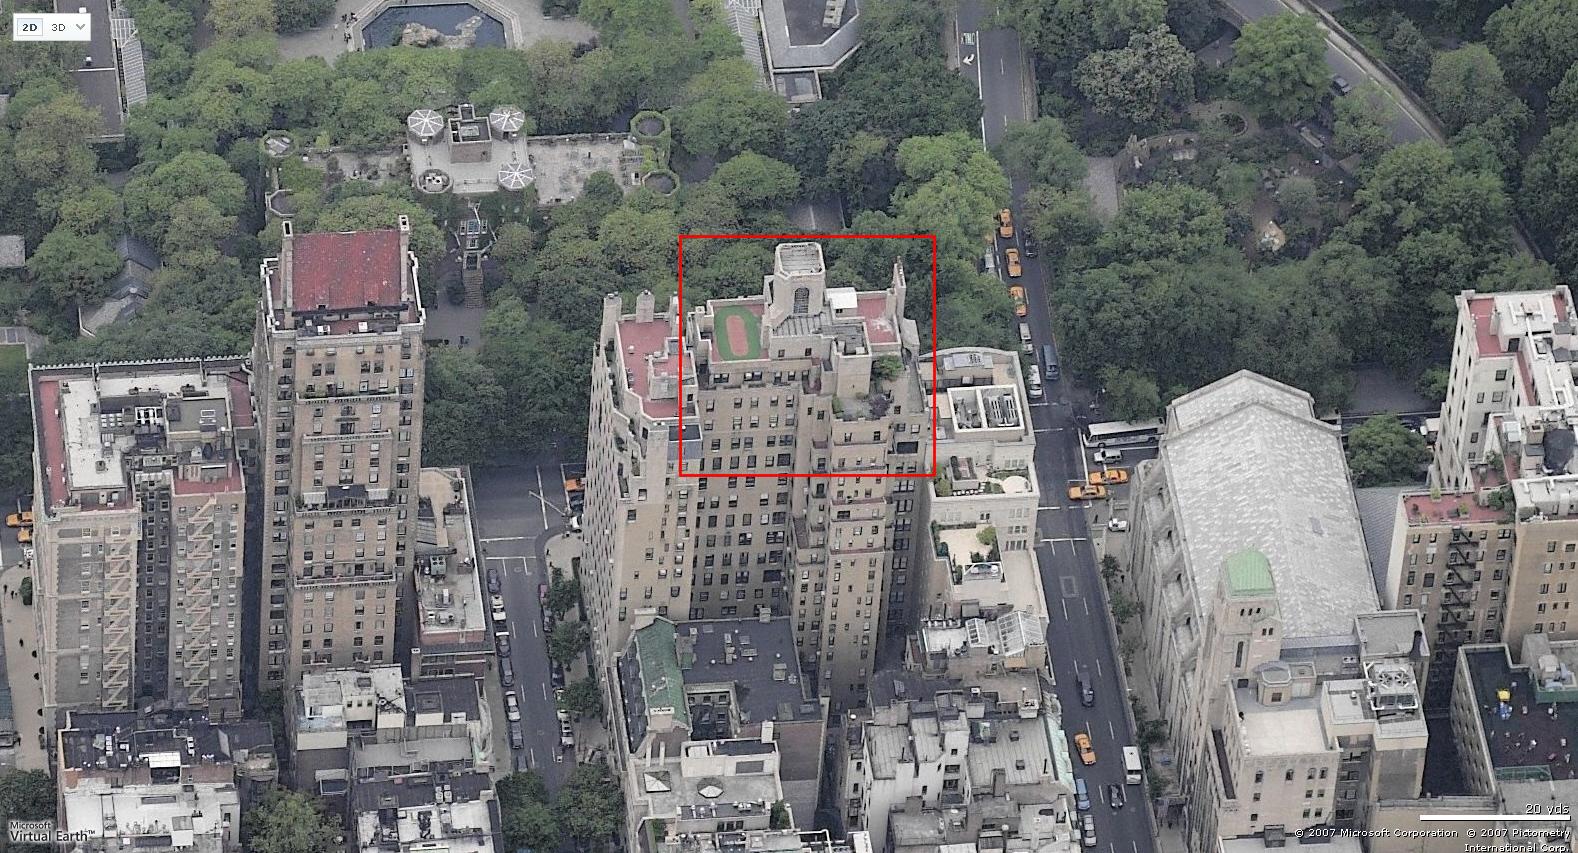 Rupert Murdoch New York Penthouse Eyeball